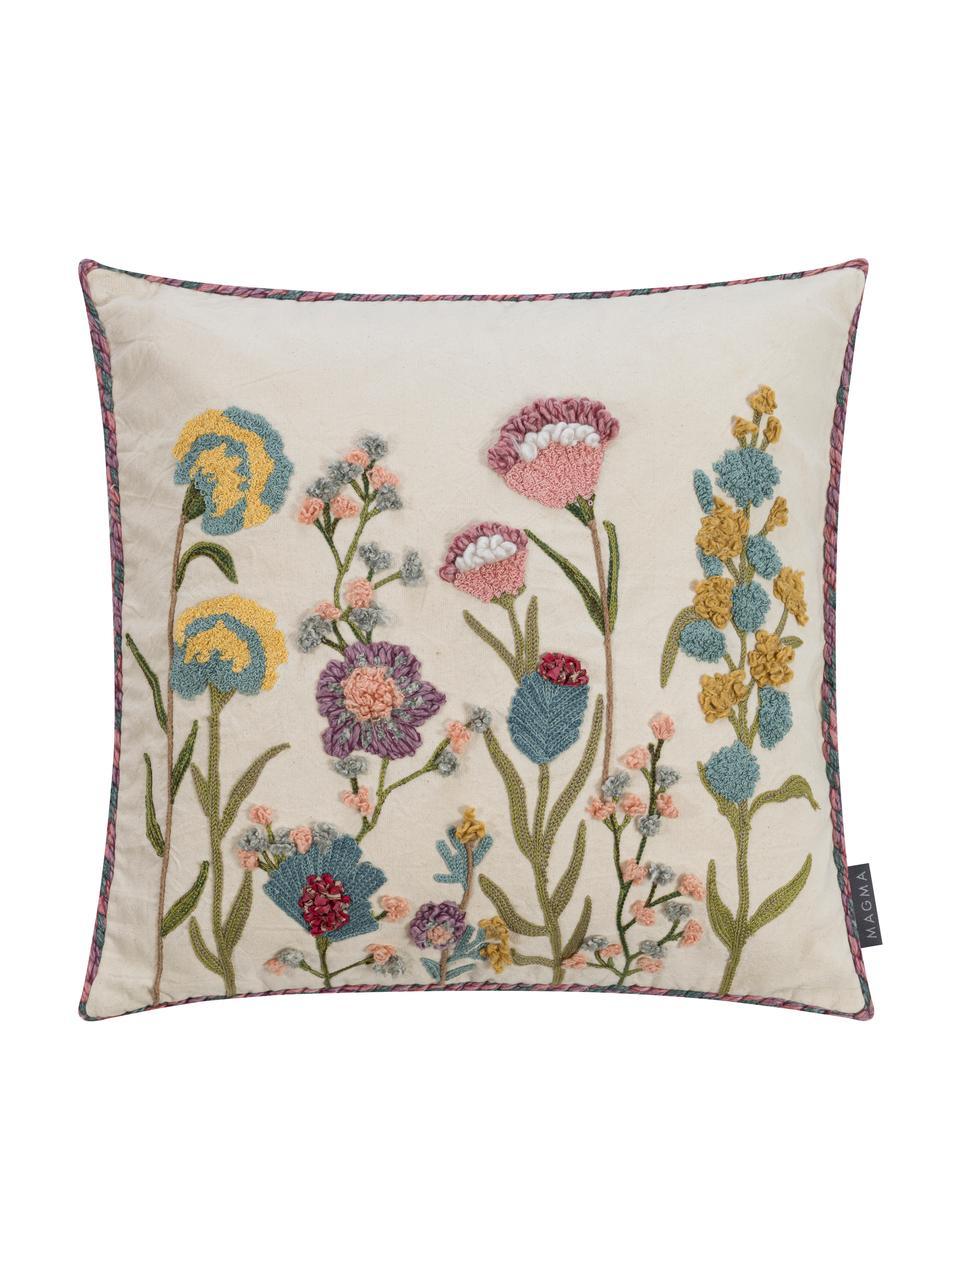 Poszewka na poduszkę Lilotte, Beżowy, wielobarwny, S 50 x D 50 cm